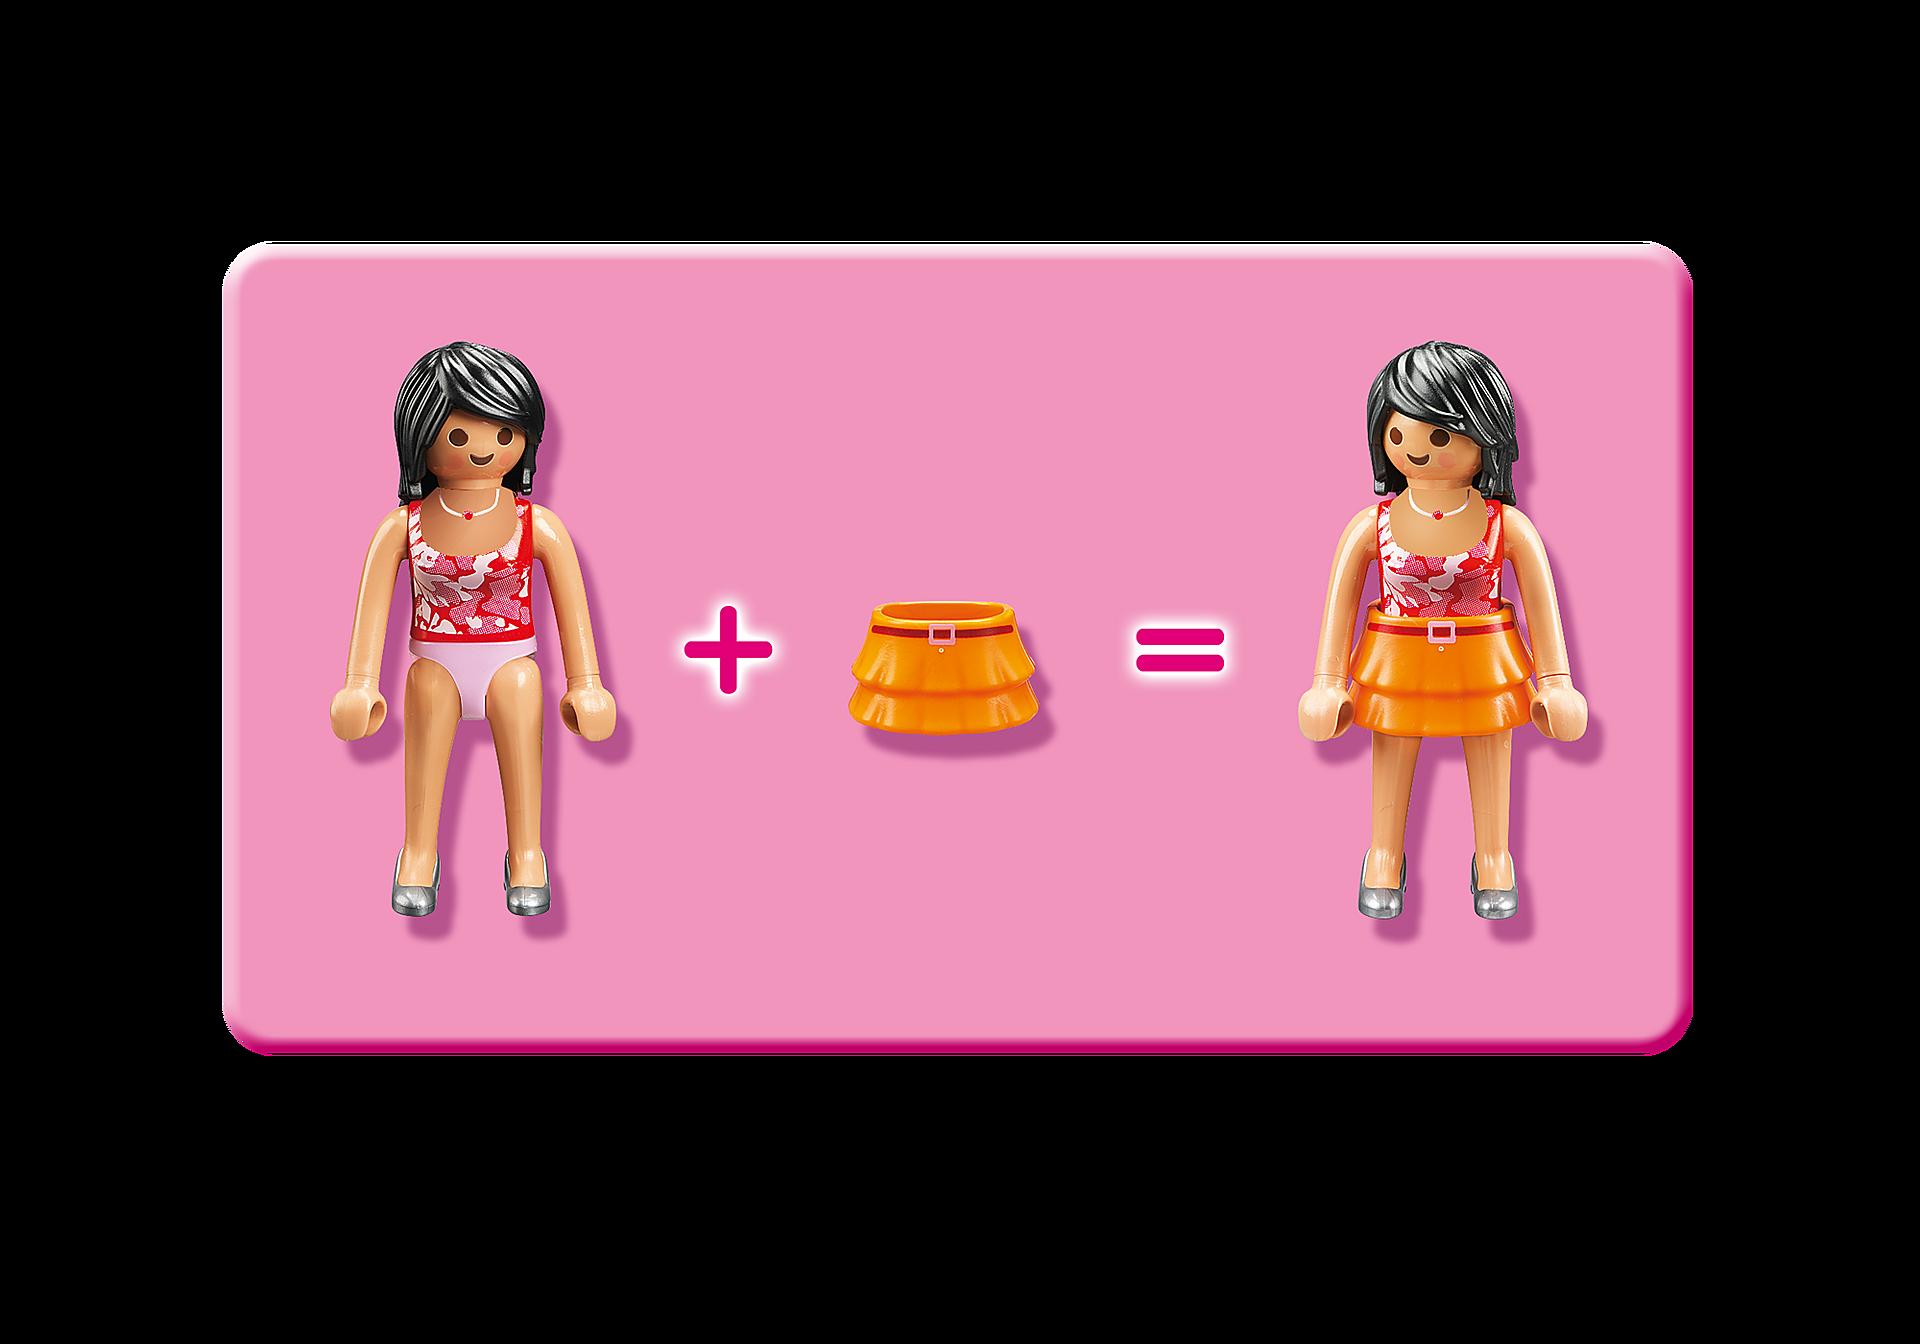 http://media.playmobil.com/i/playmobil/5303_product_extra3/Πολυτελές Κουκλόσπιτο